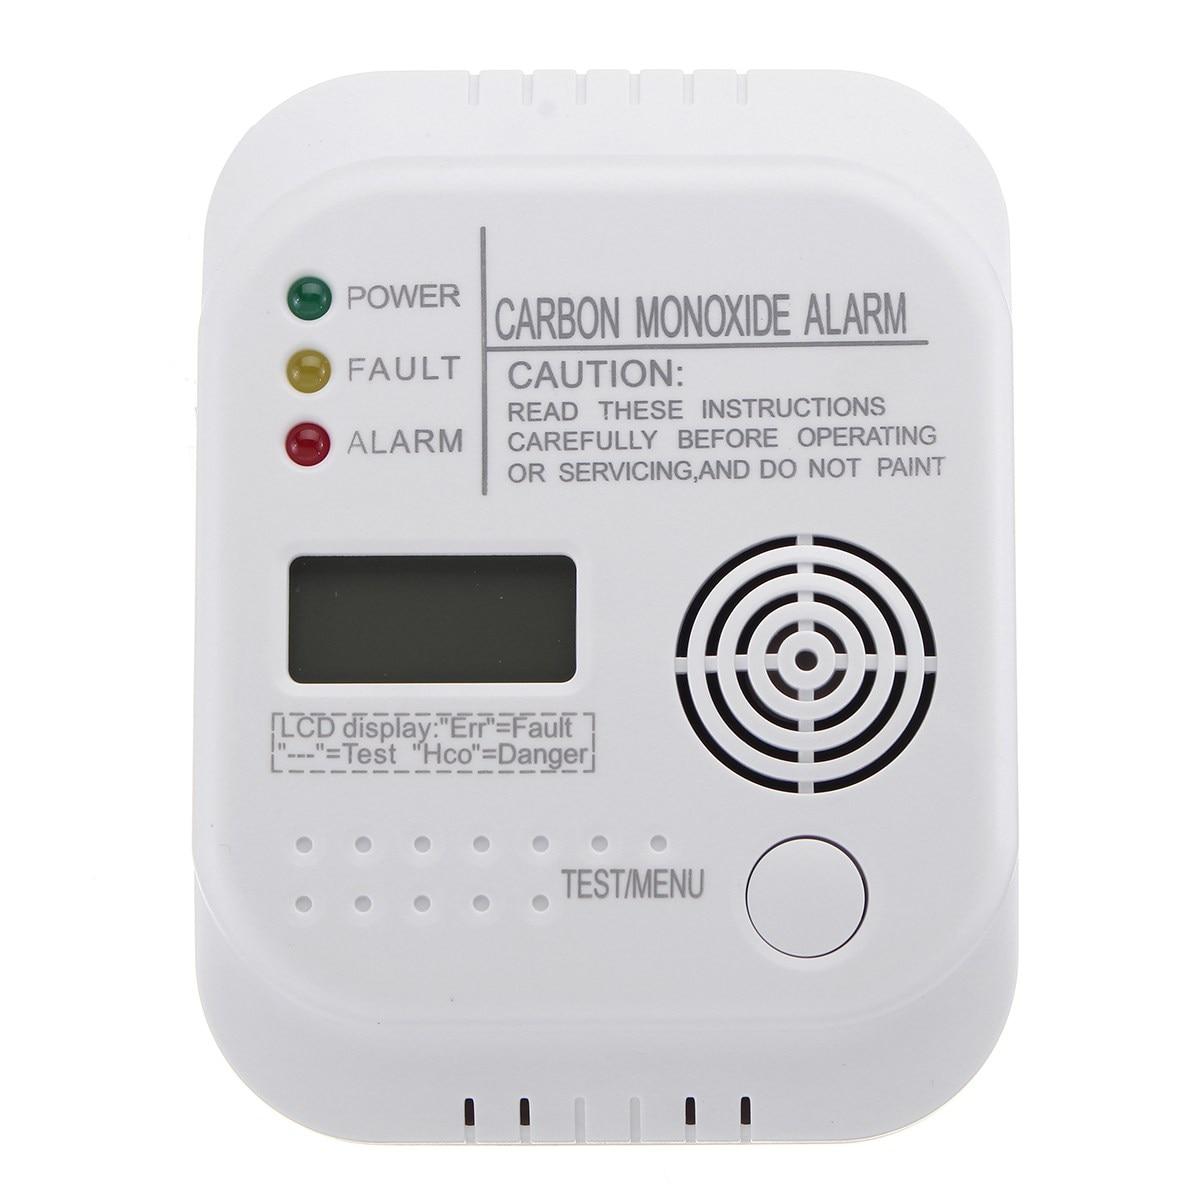 US $23 59 41% OFF|Safurance CO Carbon Monoxide Alarm Detector LCD Digital  Home Security Indepedent Sensor Safety-in Carbon Monoxide Detectors from